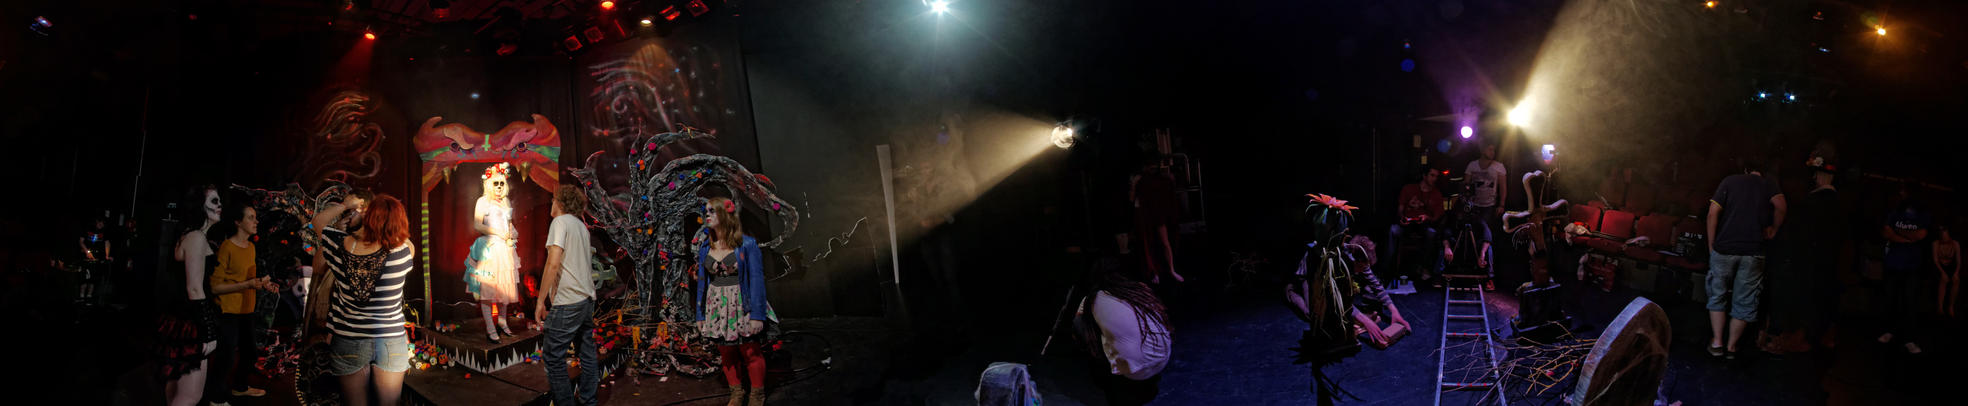 Panorama  los muertos de chanek by Tong4ri